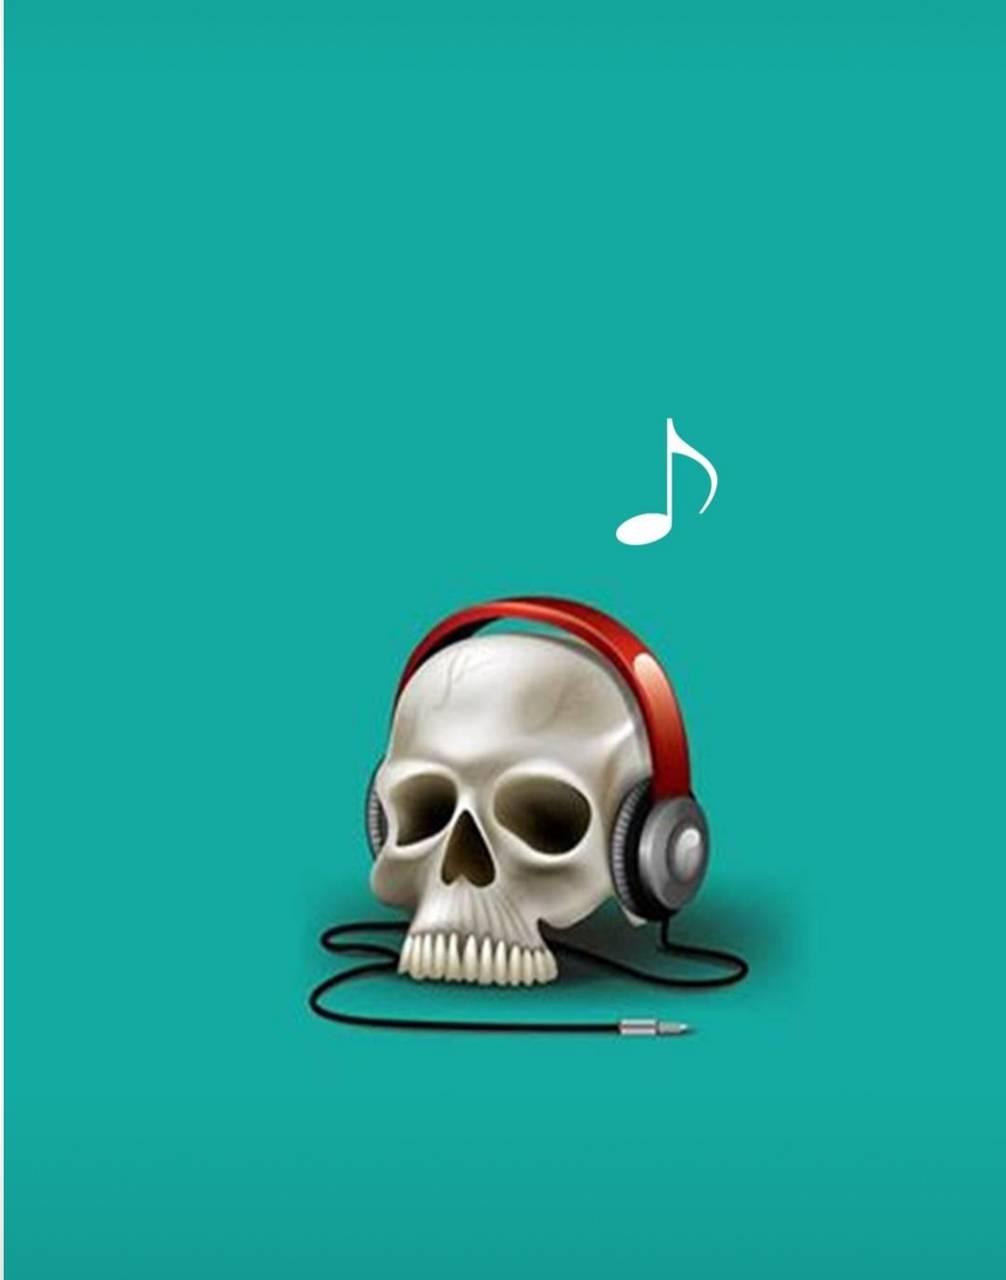 Skull Wallpaper By Stevenjay F8 Free On Zedge